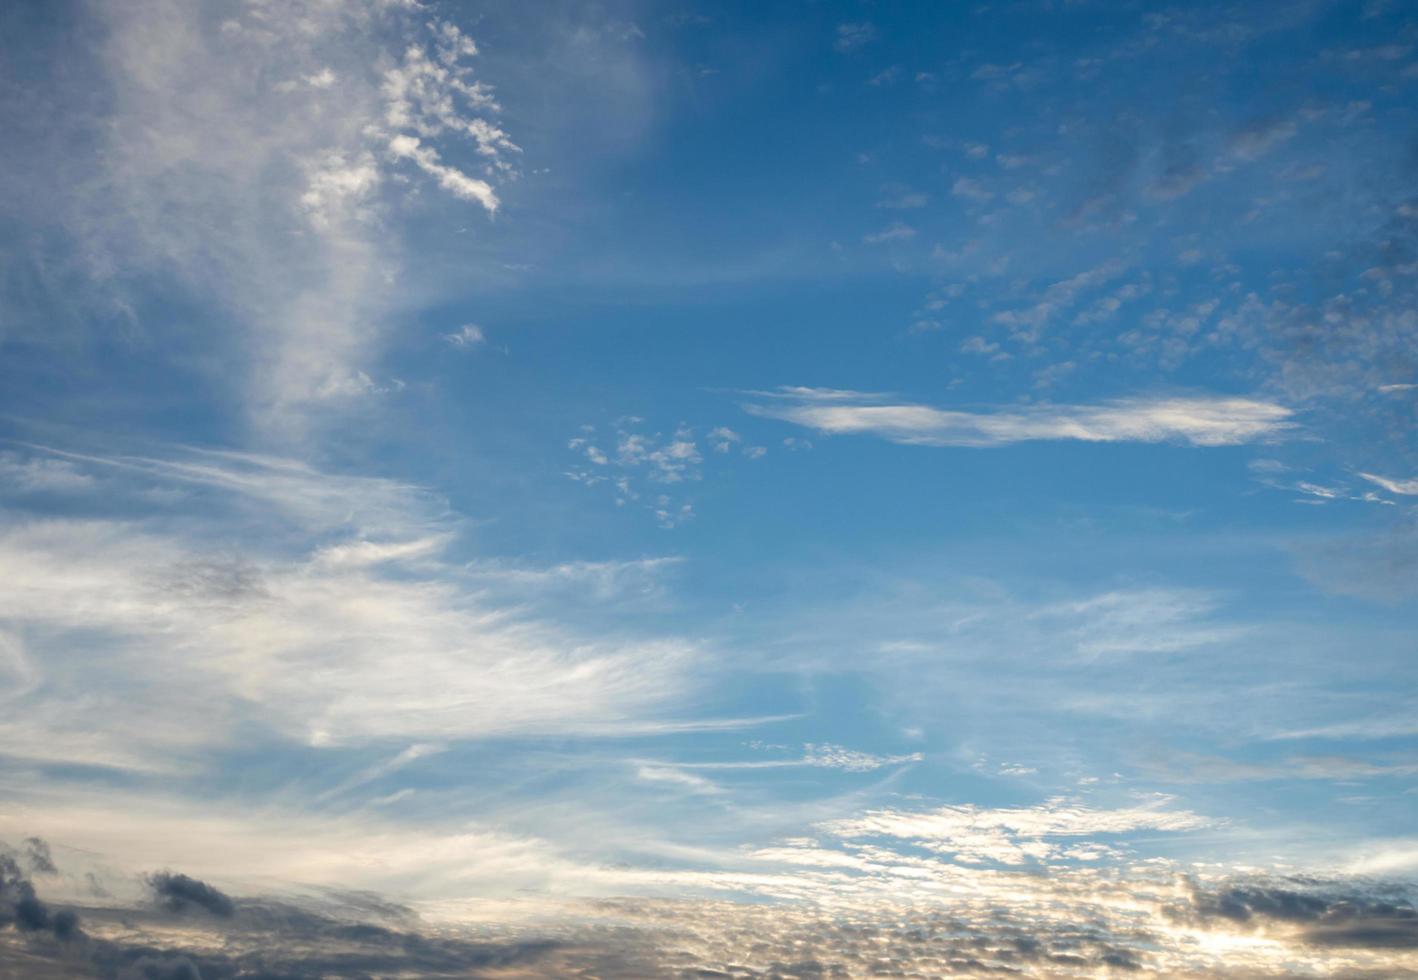 lucht en wolken bij zonsondergang. het zijn prachtige rode en oranje kleuren van zonsopgang of zonsondergang. foto